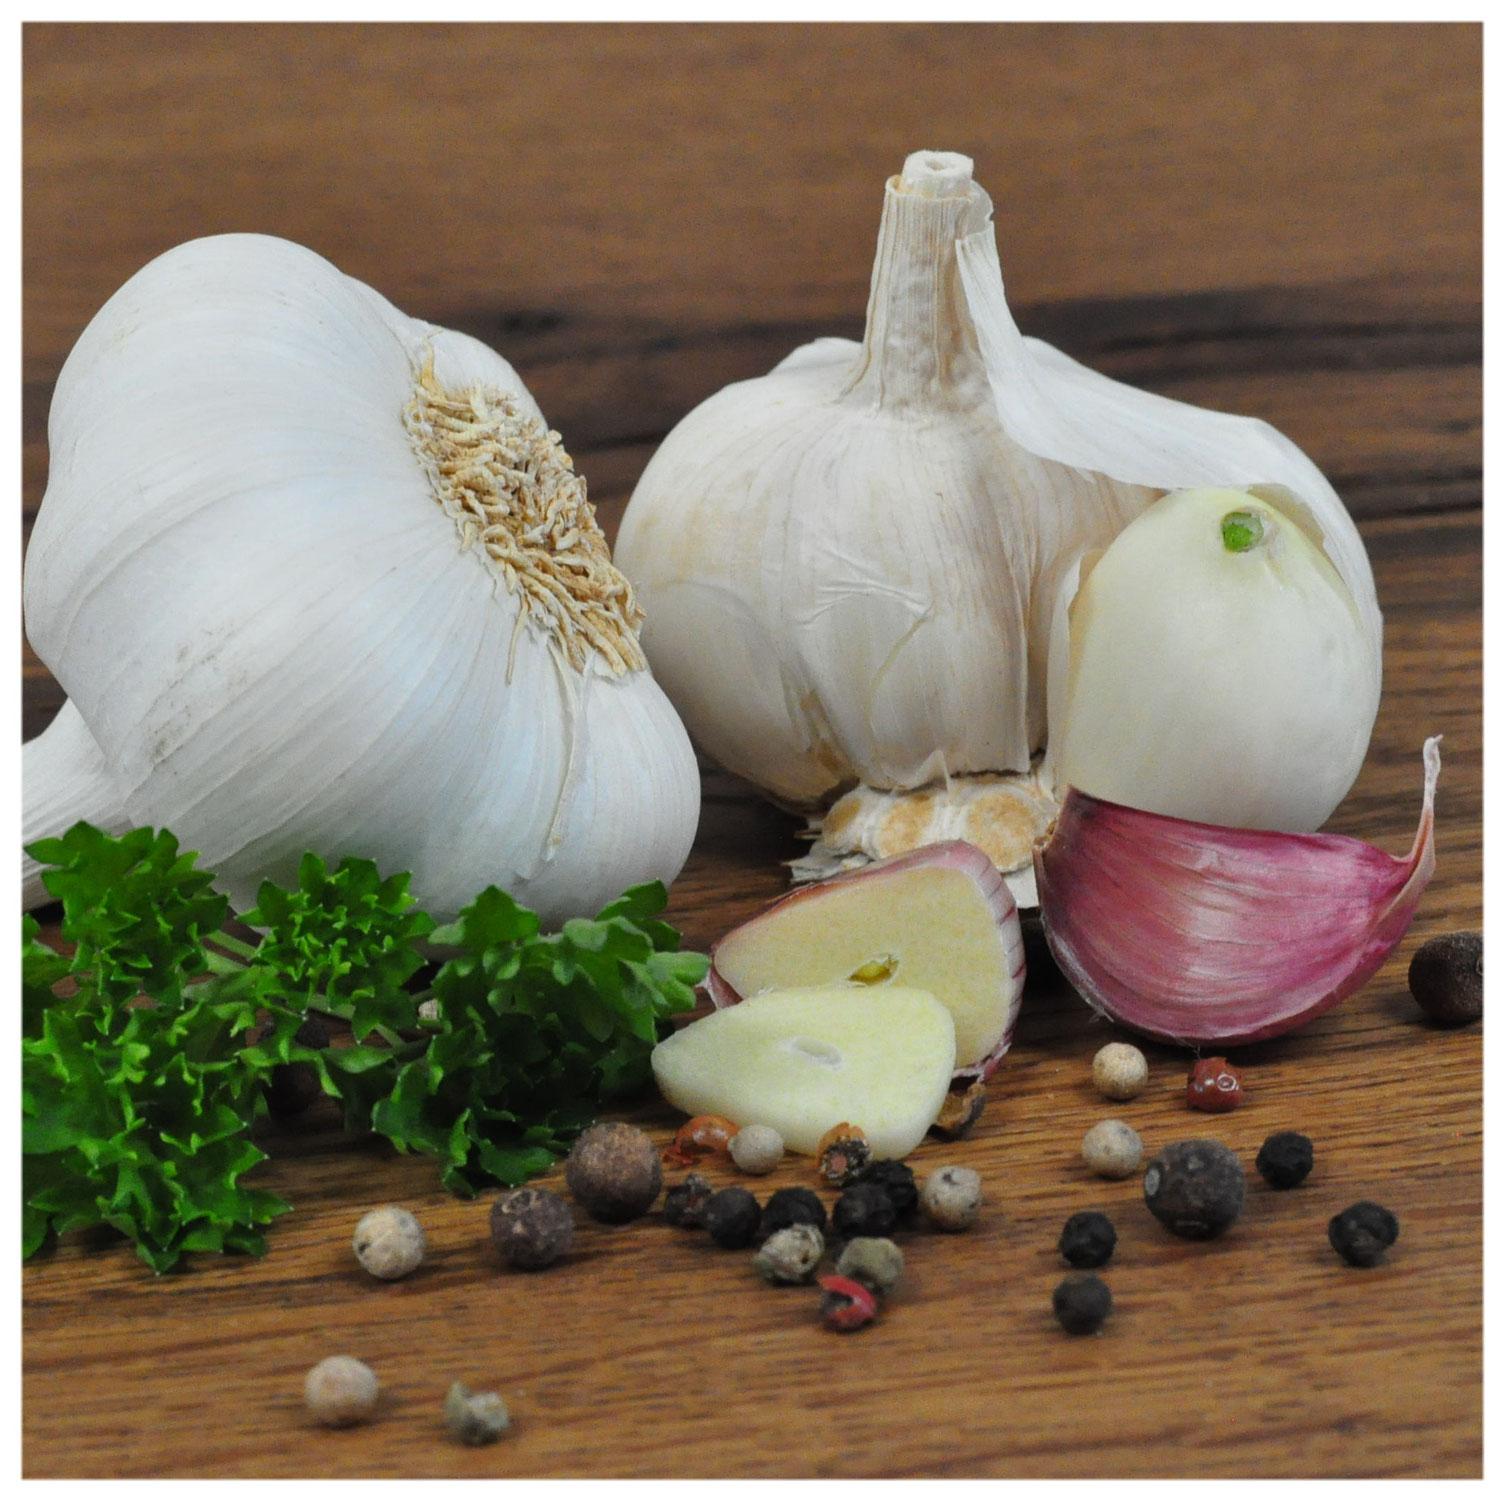 Knoblauch - Superfood für das Immunsystem